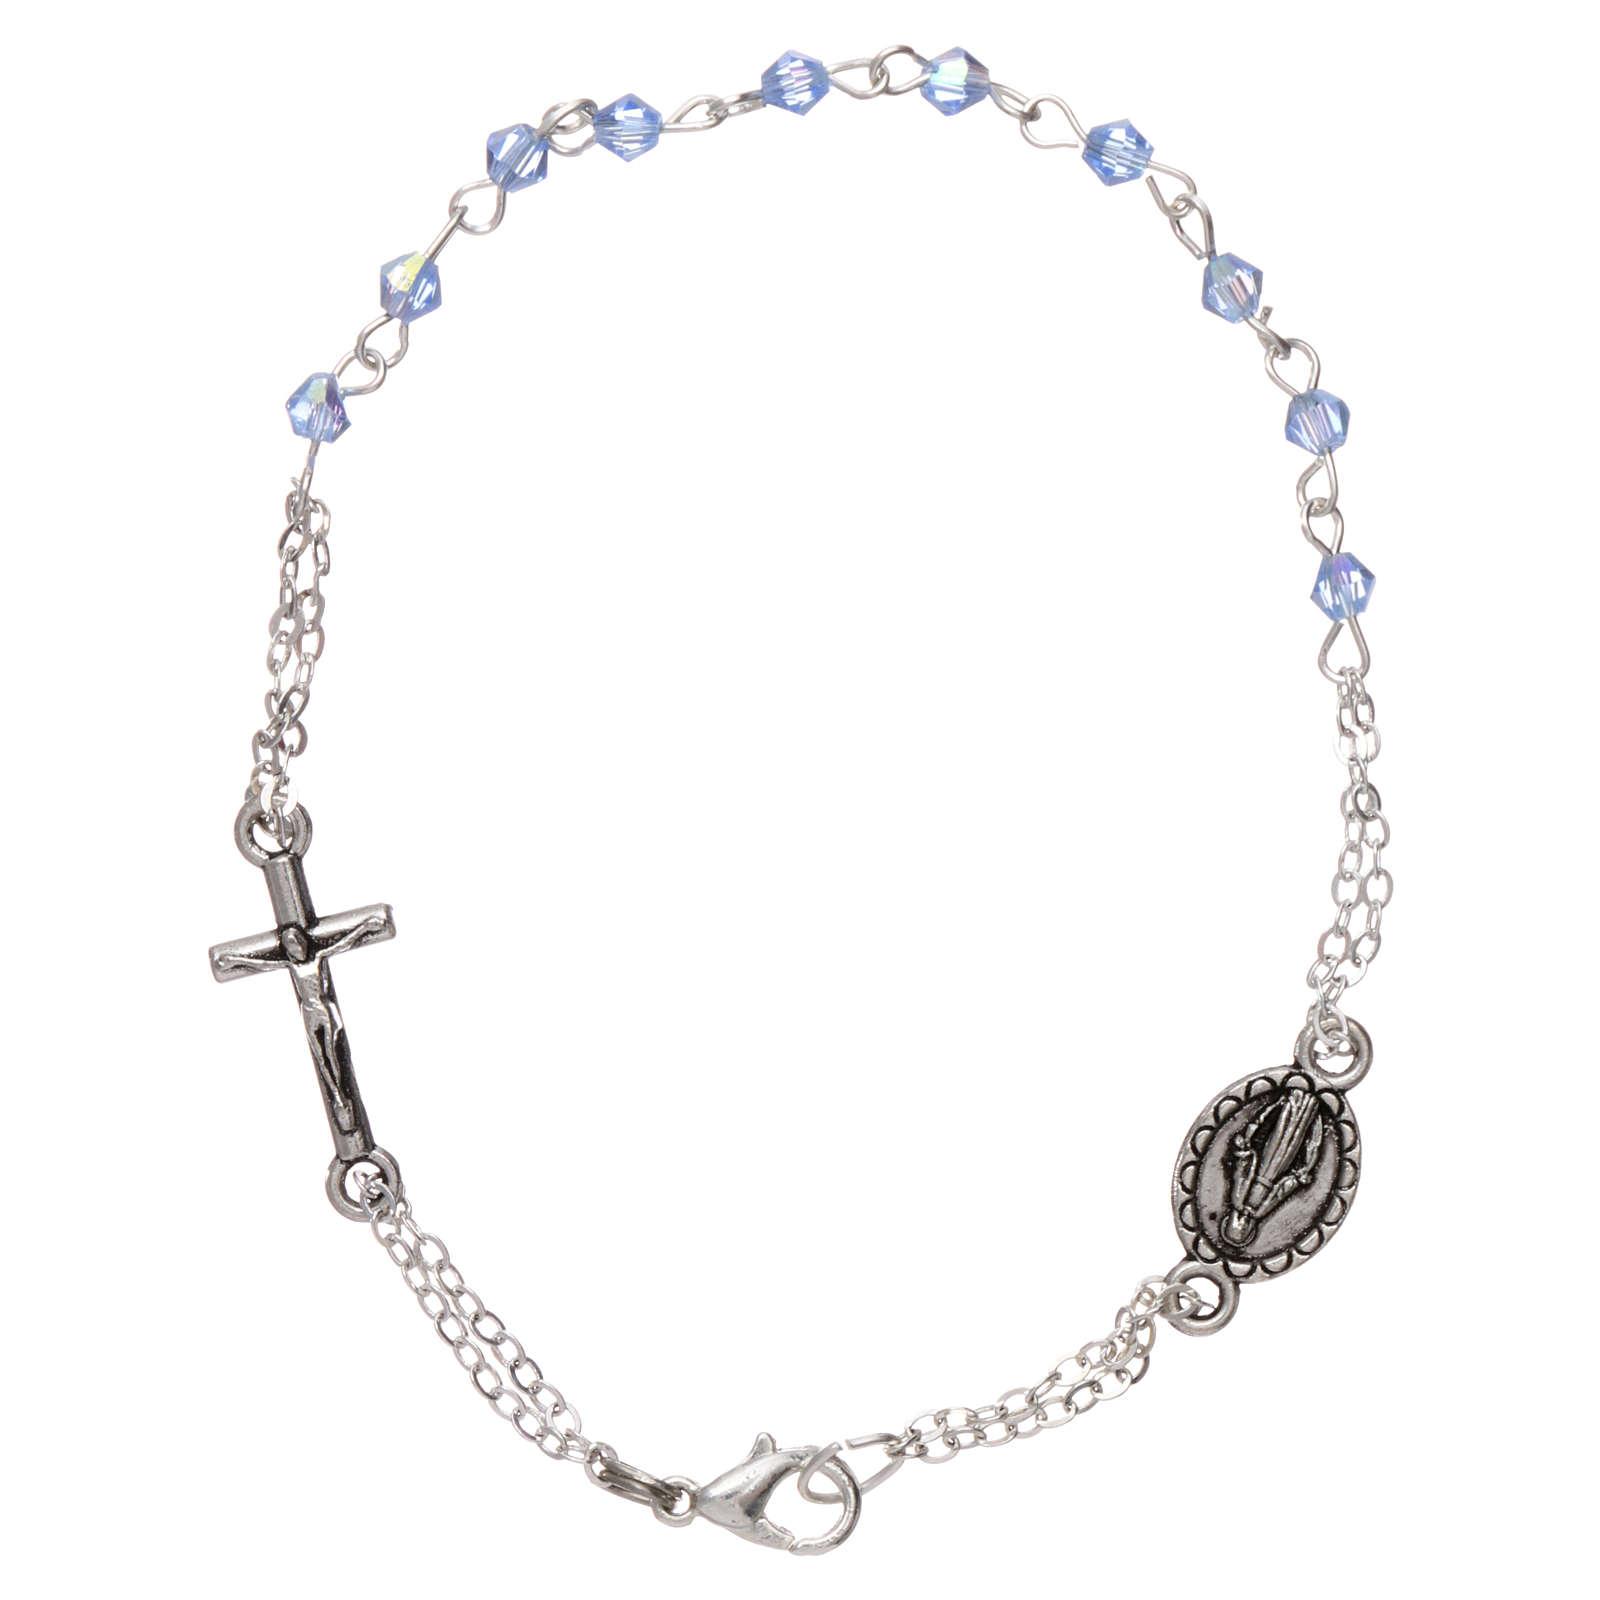 Pulsera decena cierre cadena granos rombo celeste cruz y medalla granos 1 mm 4